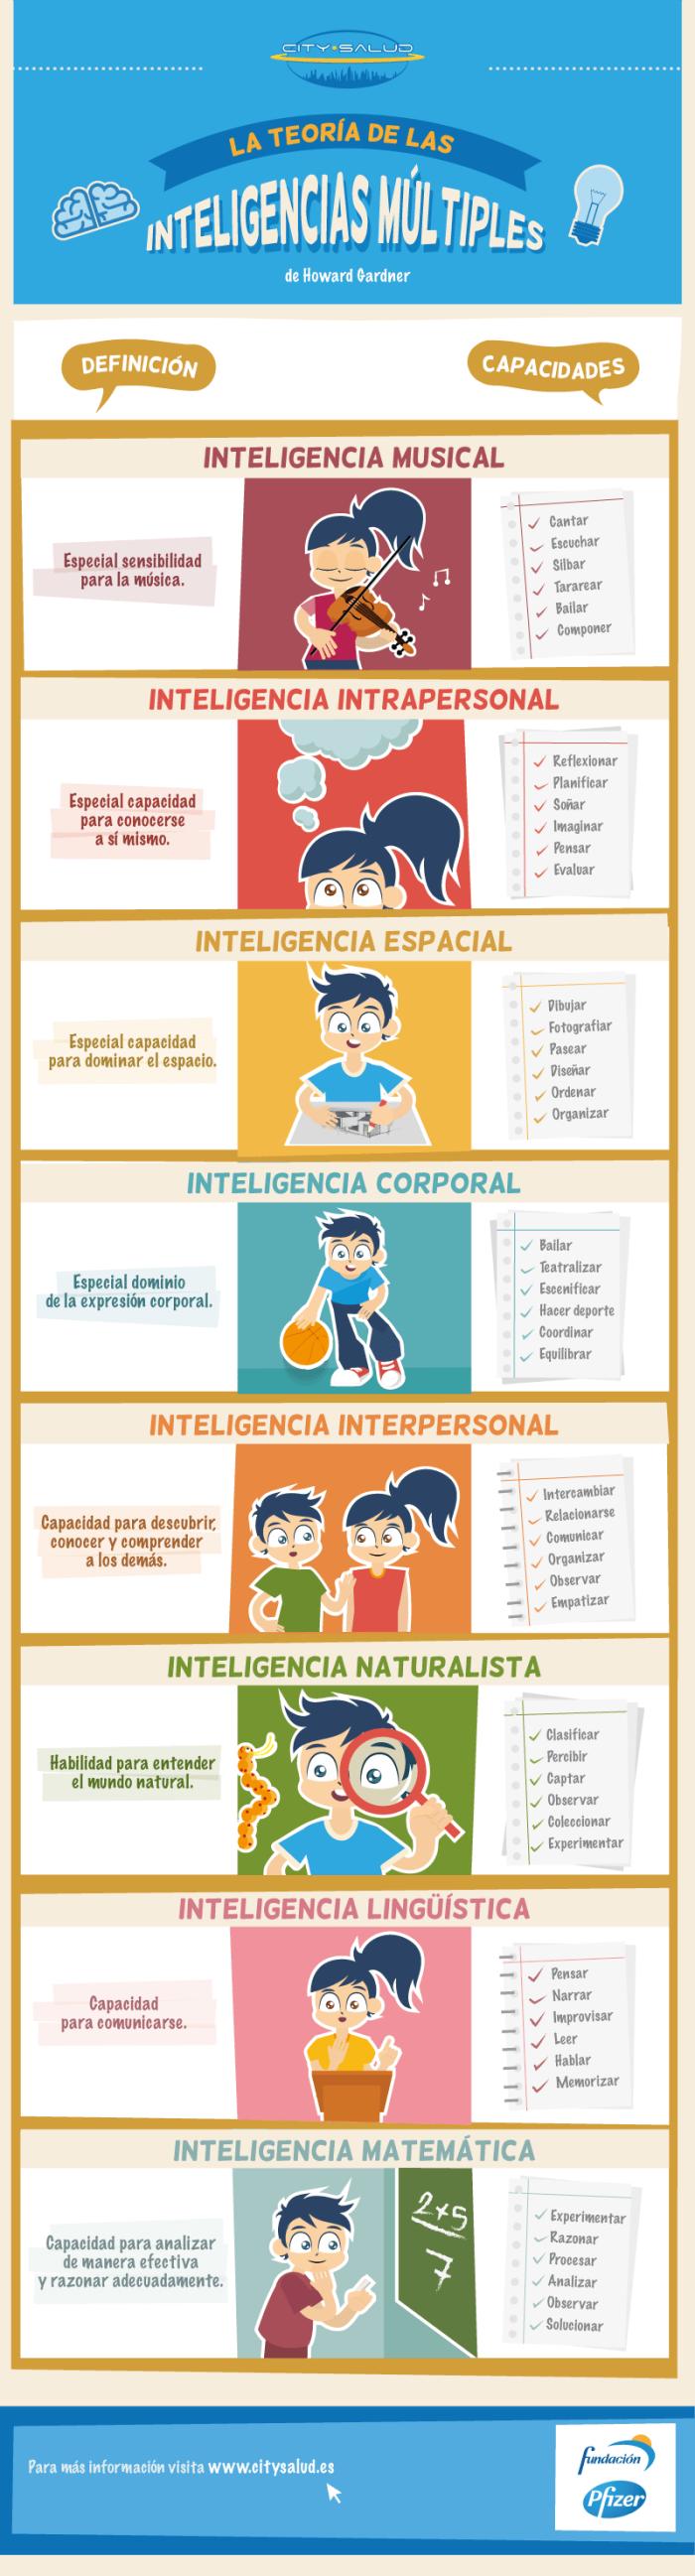 inteligenciasmutiplesgardnerdefinicionescapacidades-infografia-bloggesvin